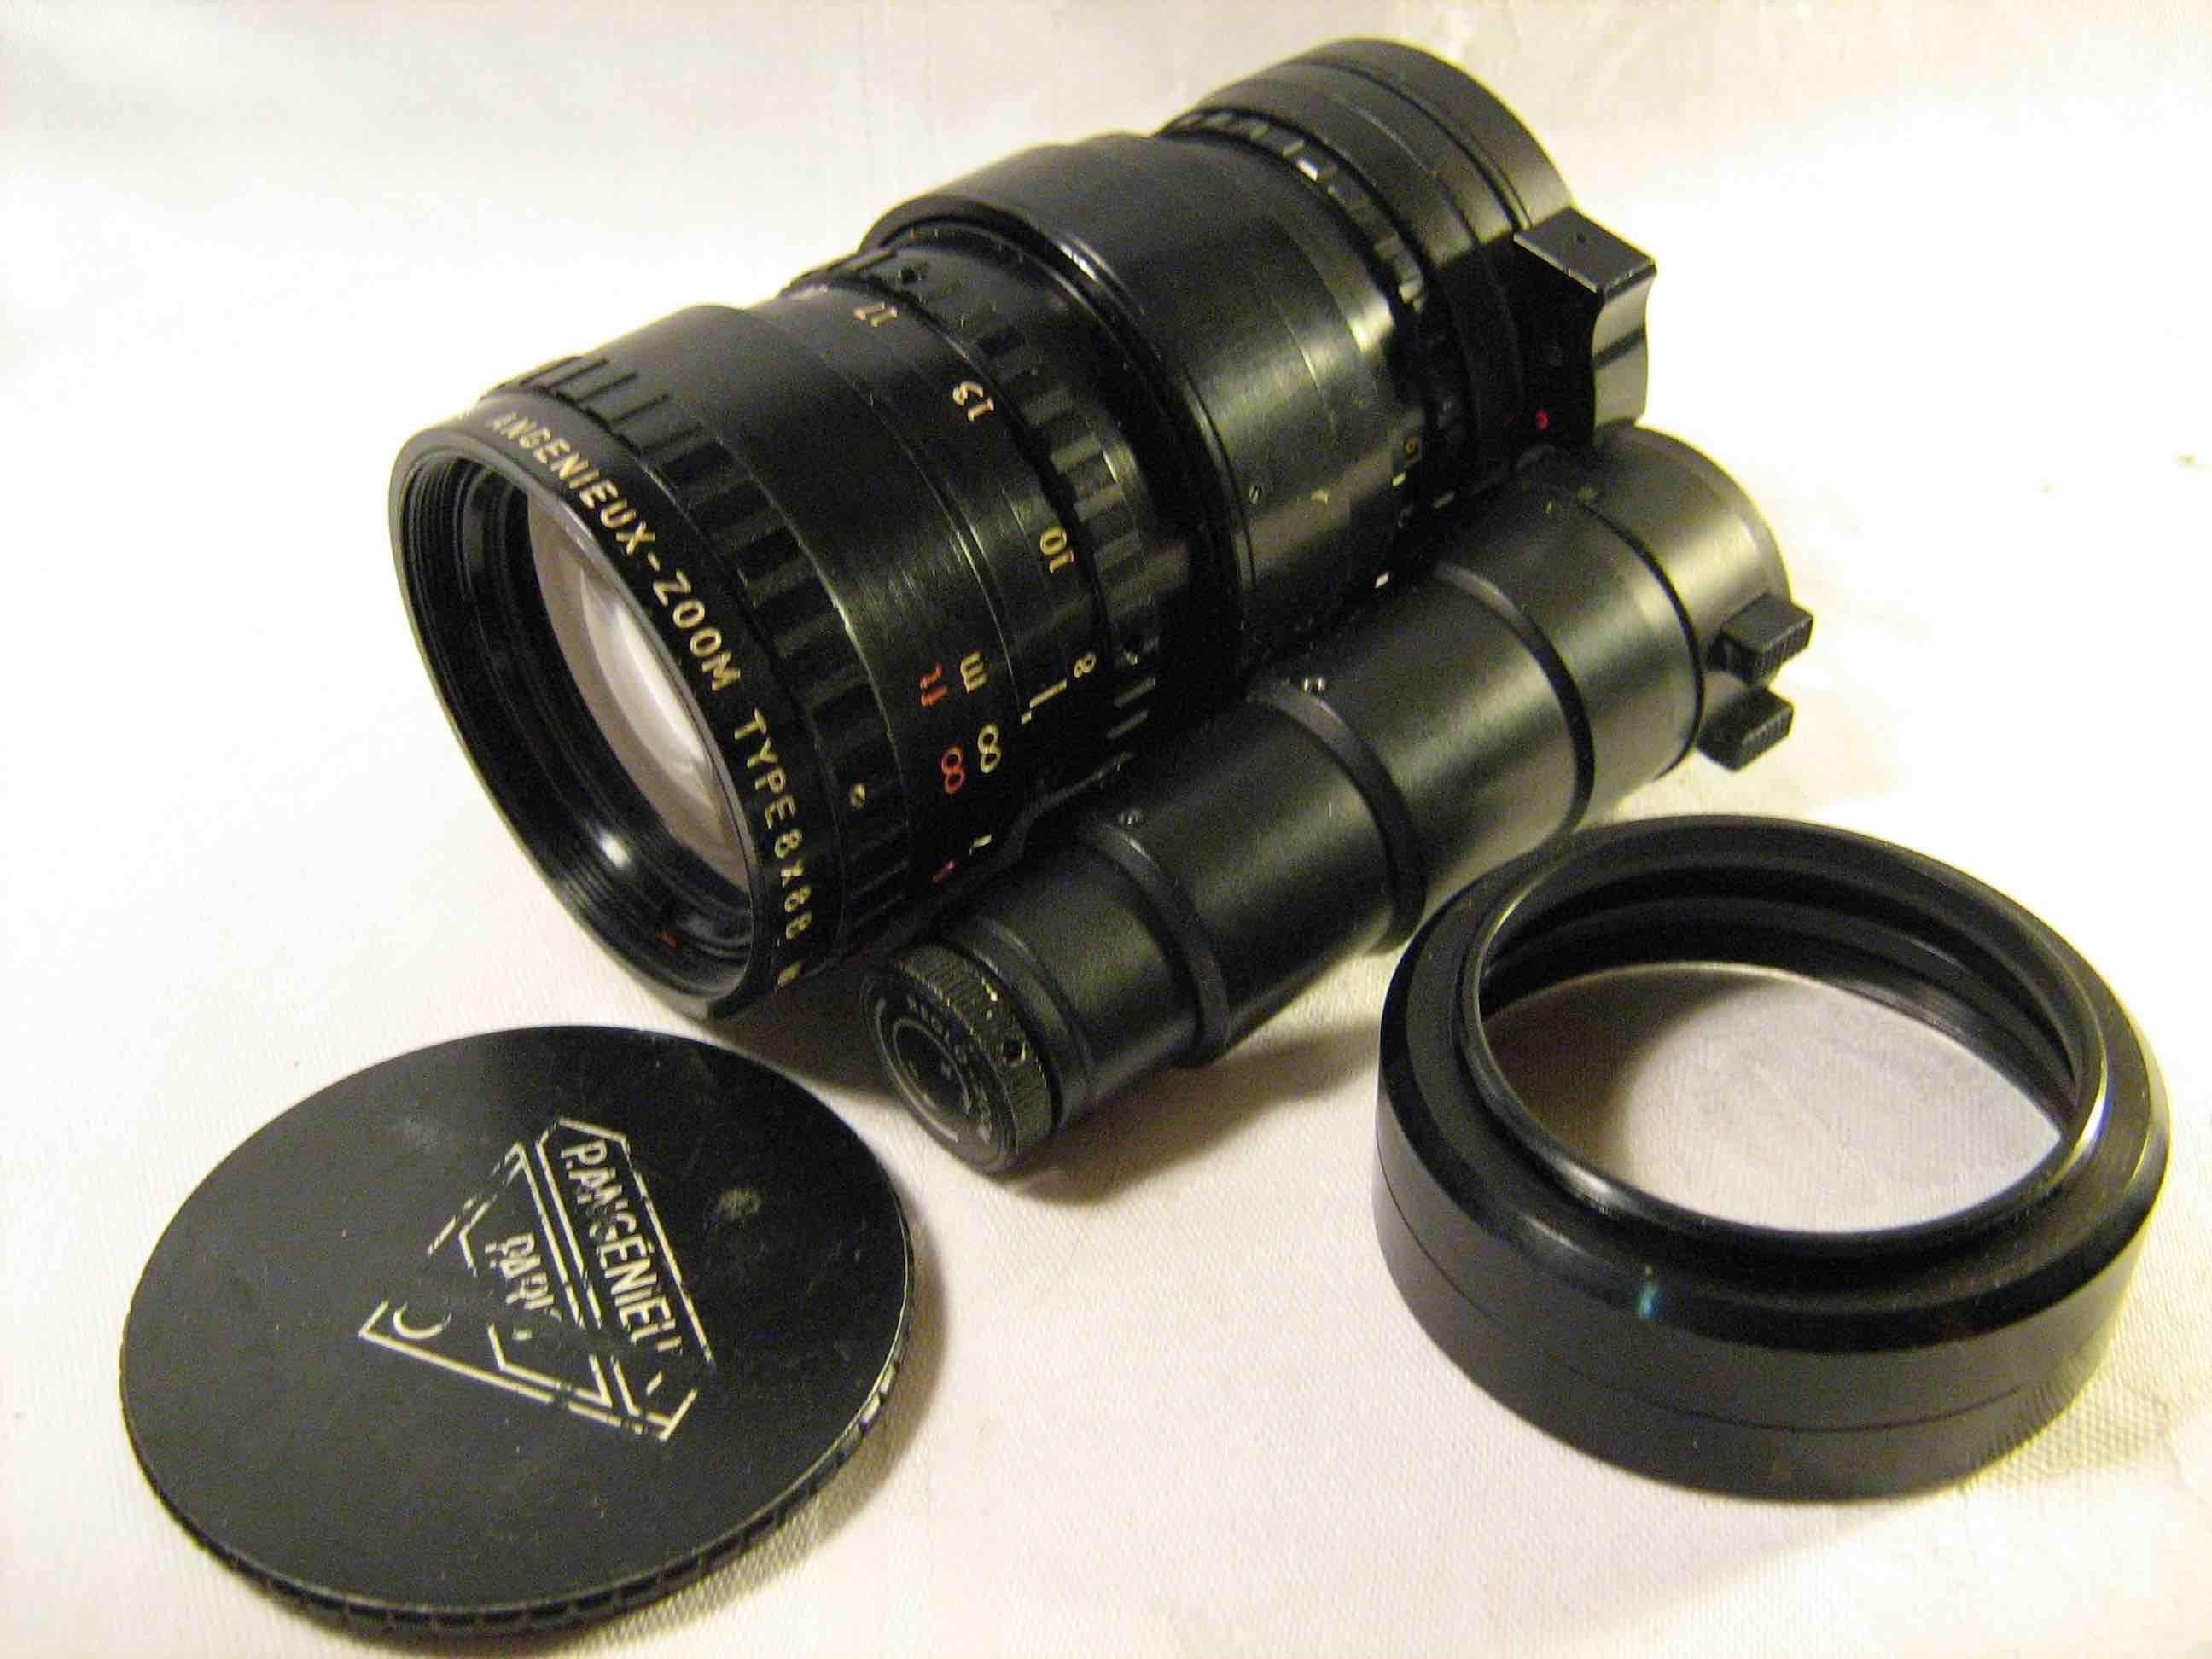 Angenieux f1.9, 8-64 mm lens